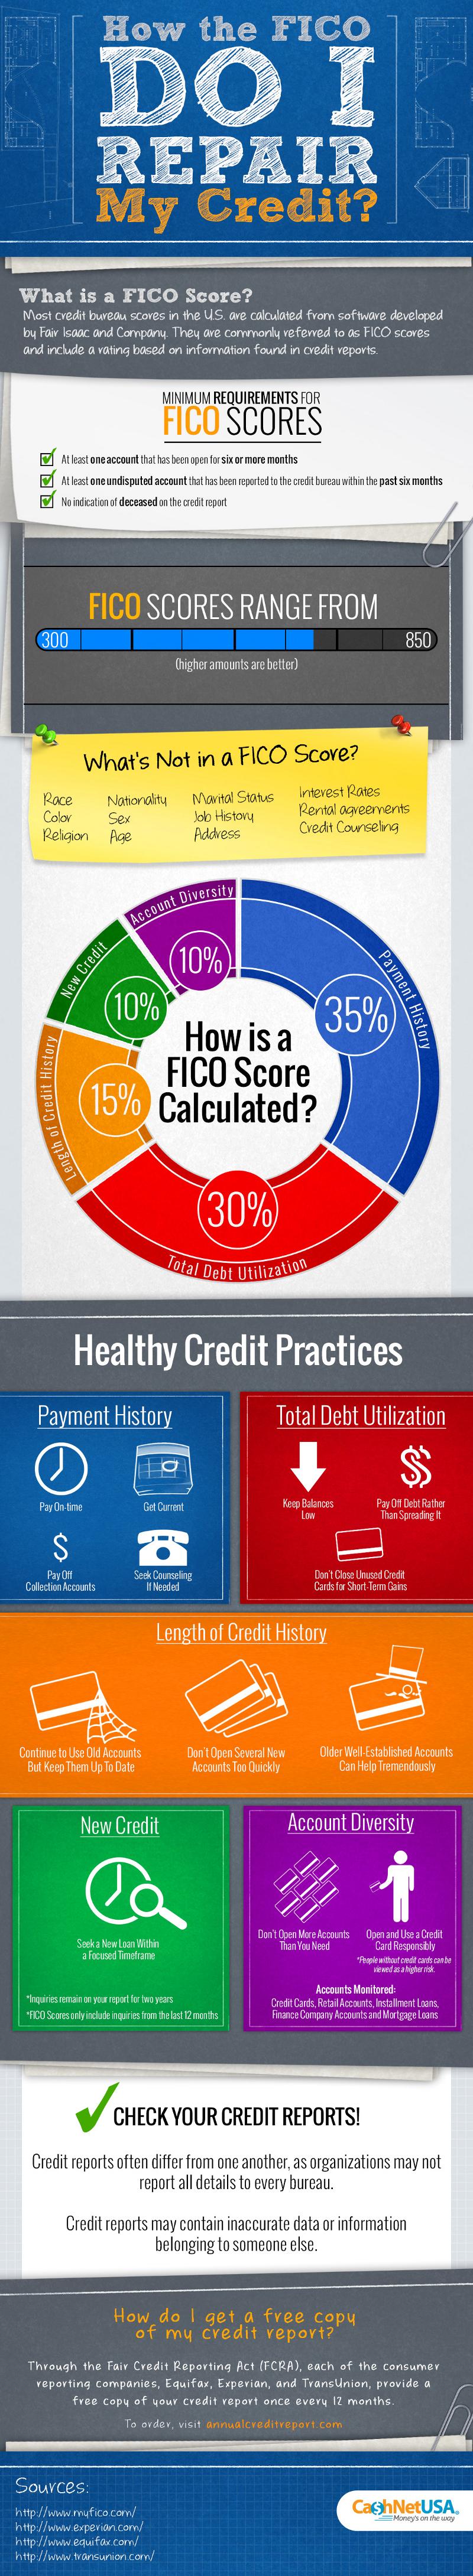 Repair-Your-Credit-Score